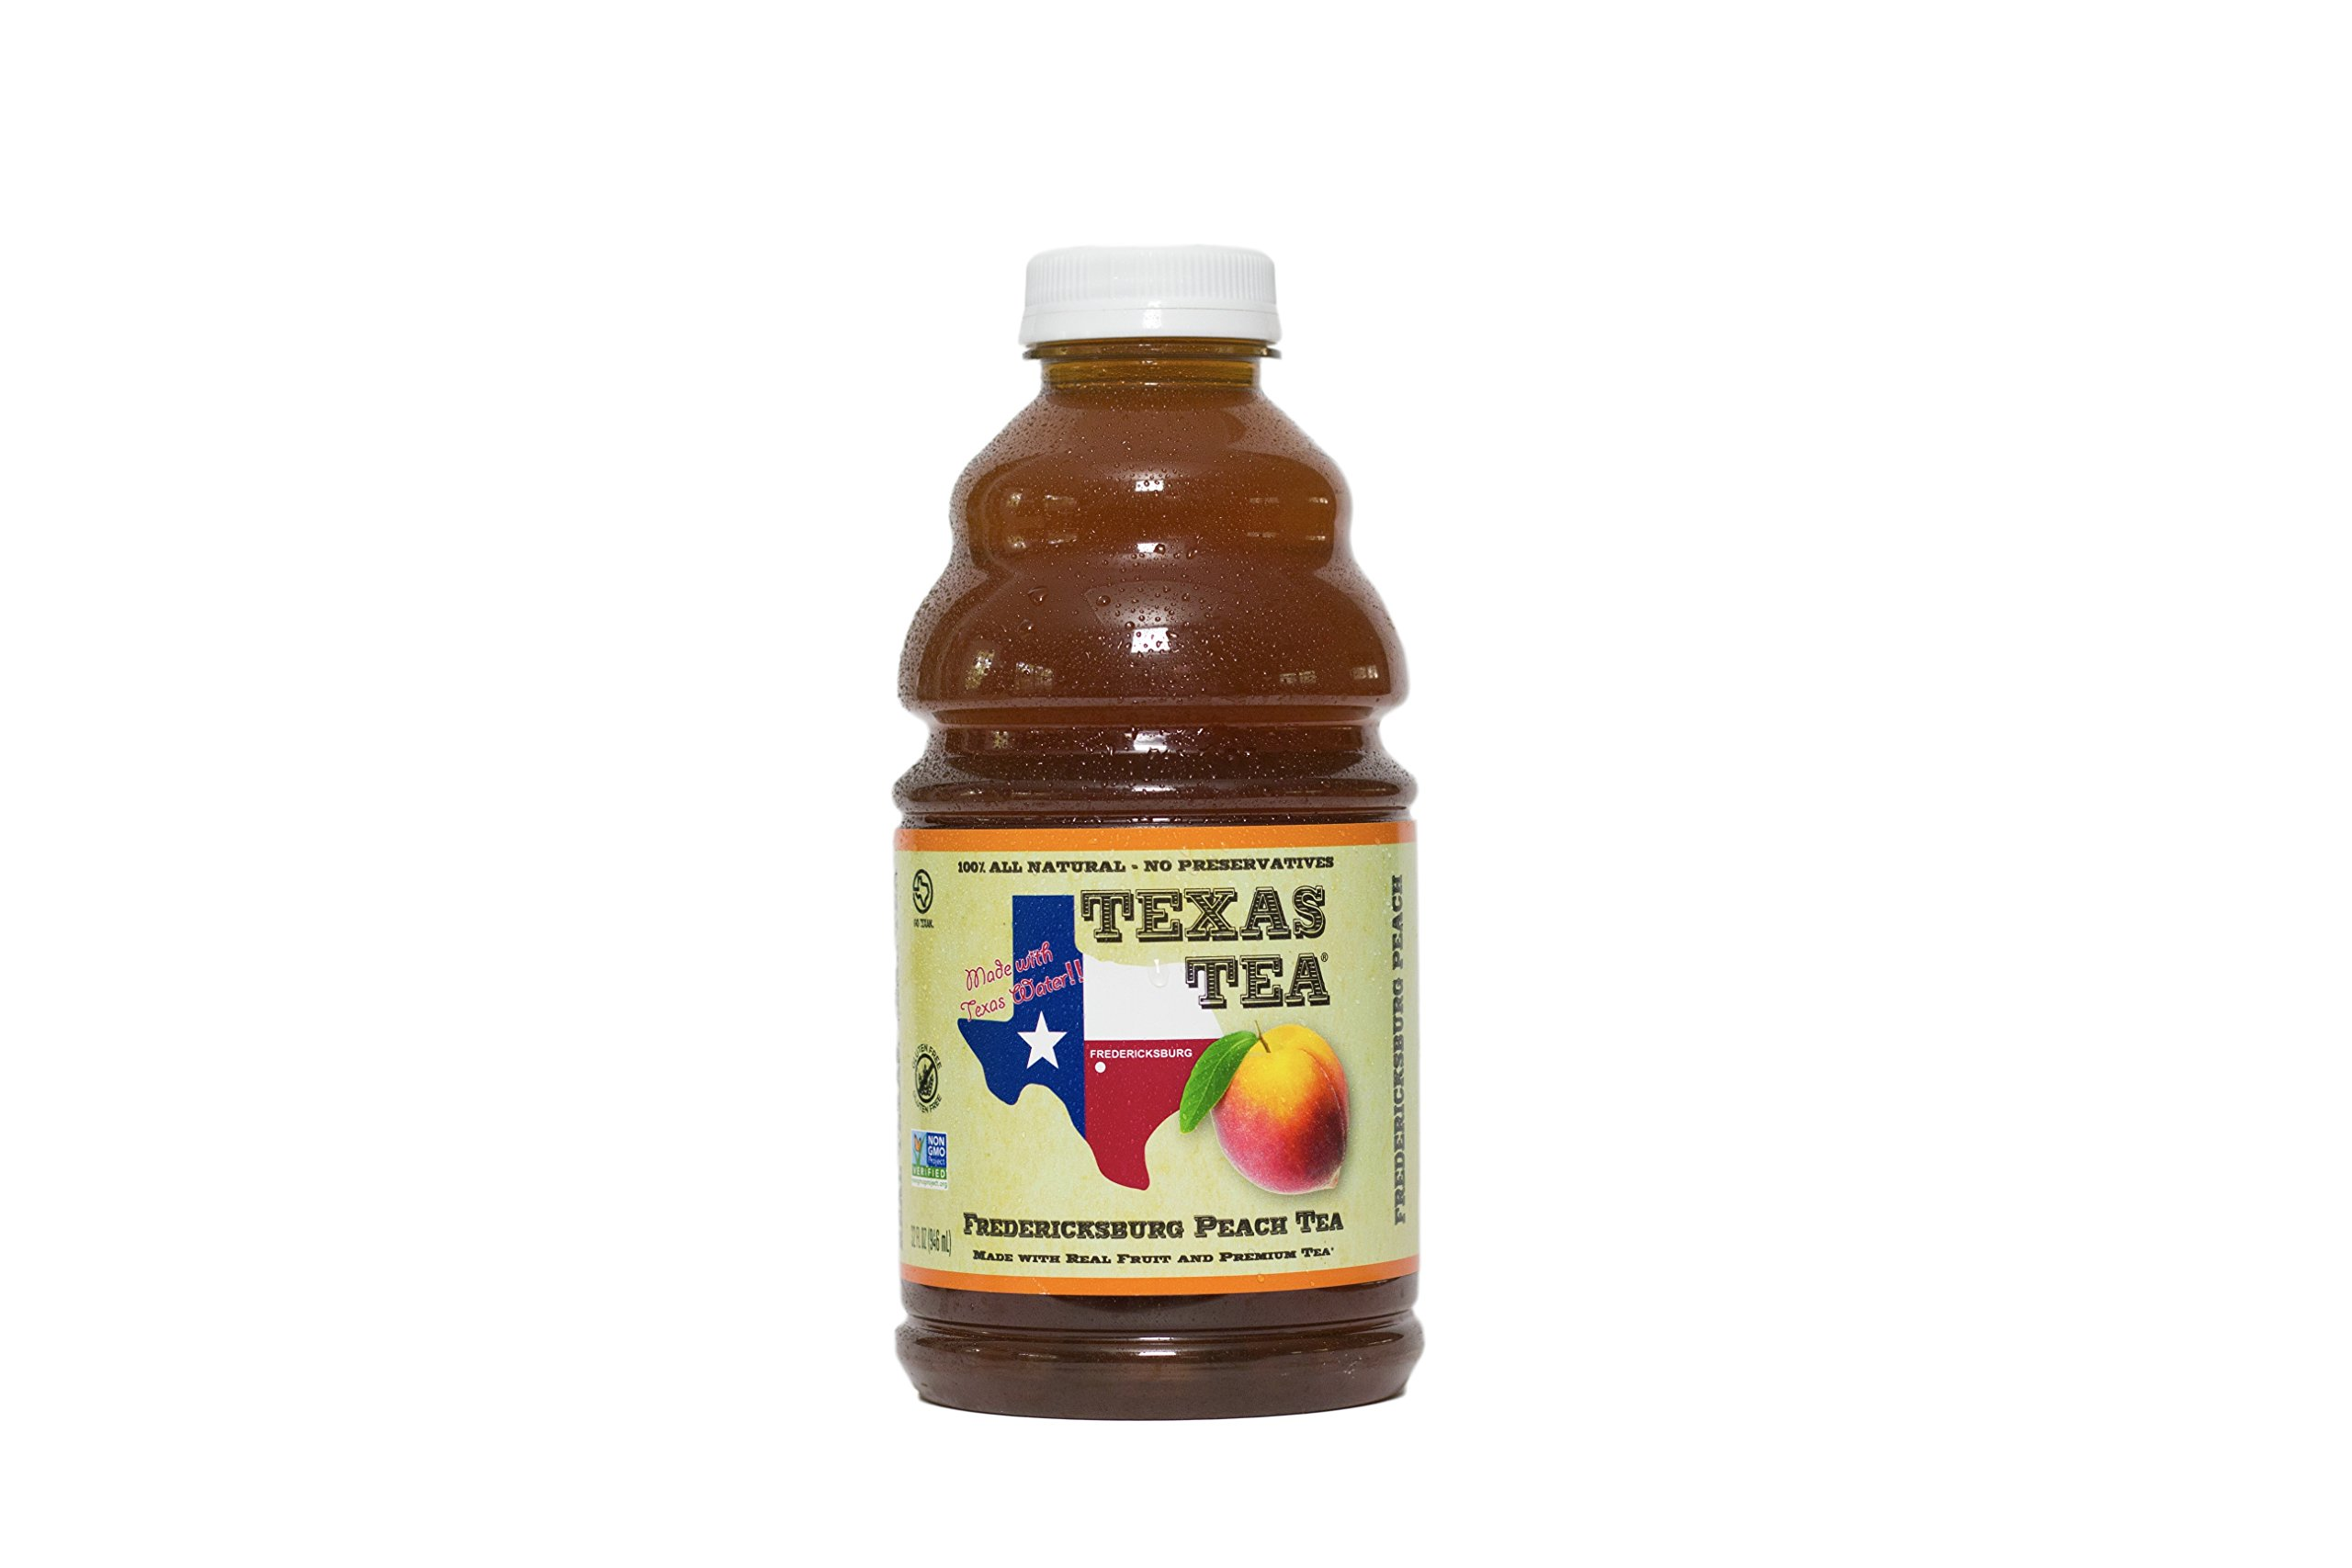 Texas Tea,Fredericksburg Peach Tea, Made With Real Peaches and Organic Tea, 32 Fluid Ounce Bottles (Pack of 6)